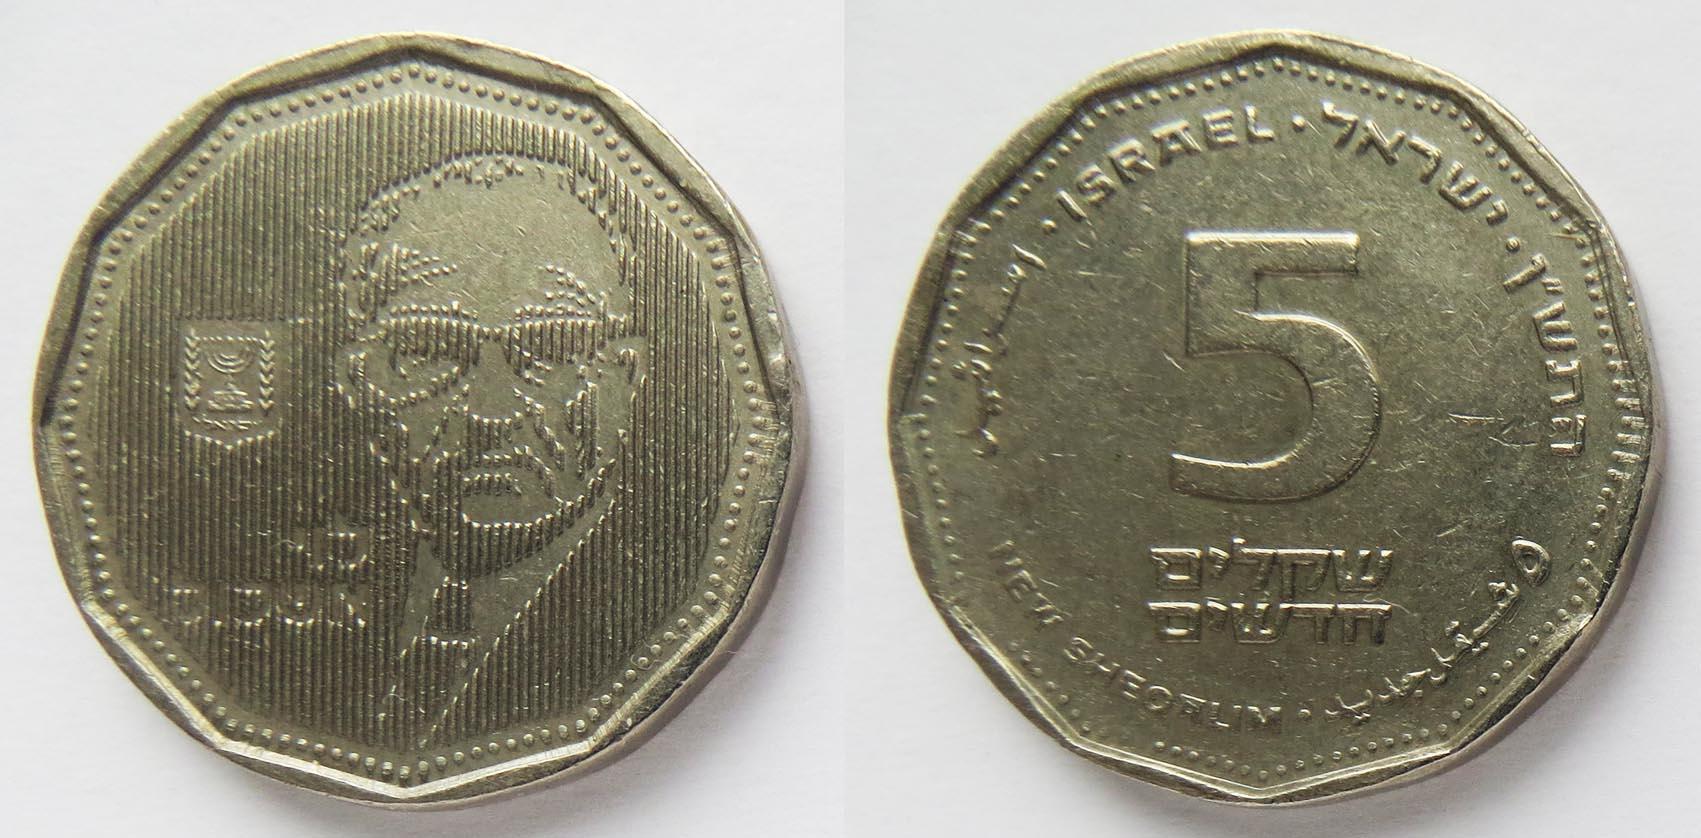 5 новых шекелей 1990 Леви Эшколь - четвертый премьер-министр Израиля